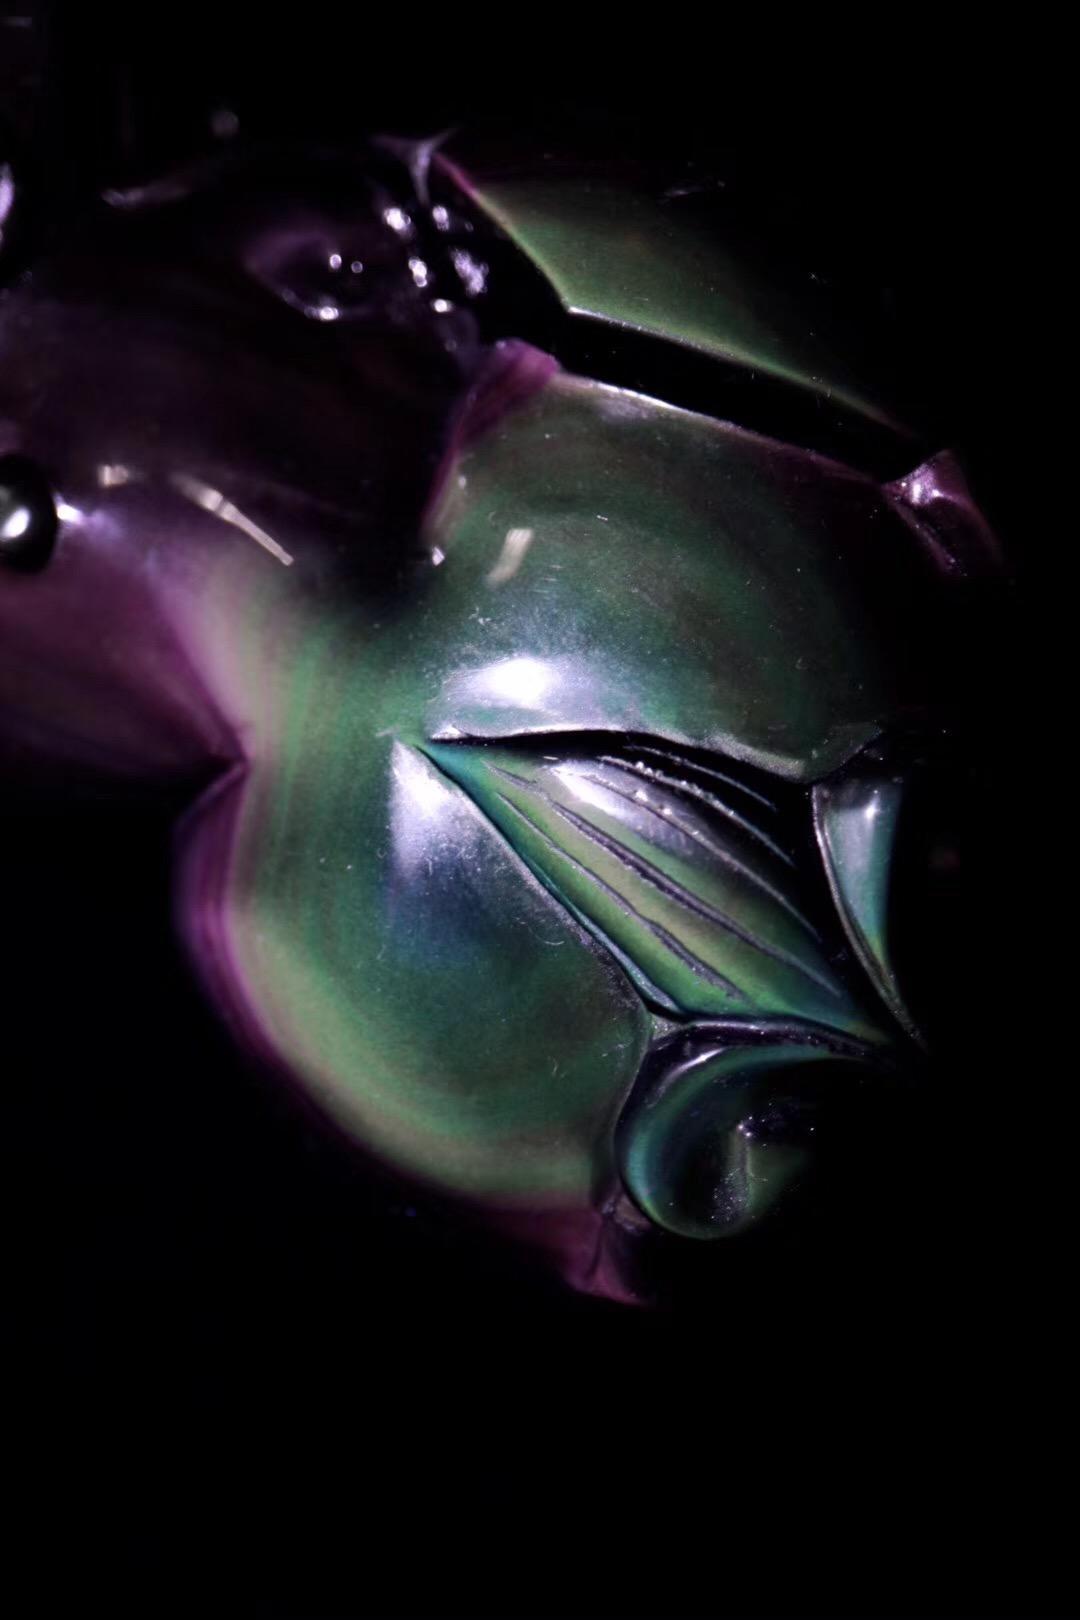 【极品黑曜石貔貅摆件】有镇宅之功效,成为家中的守护神,保合家平安~~-菩心晶舍